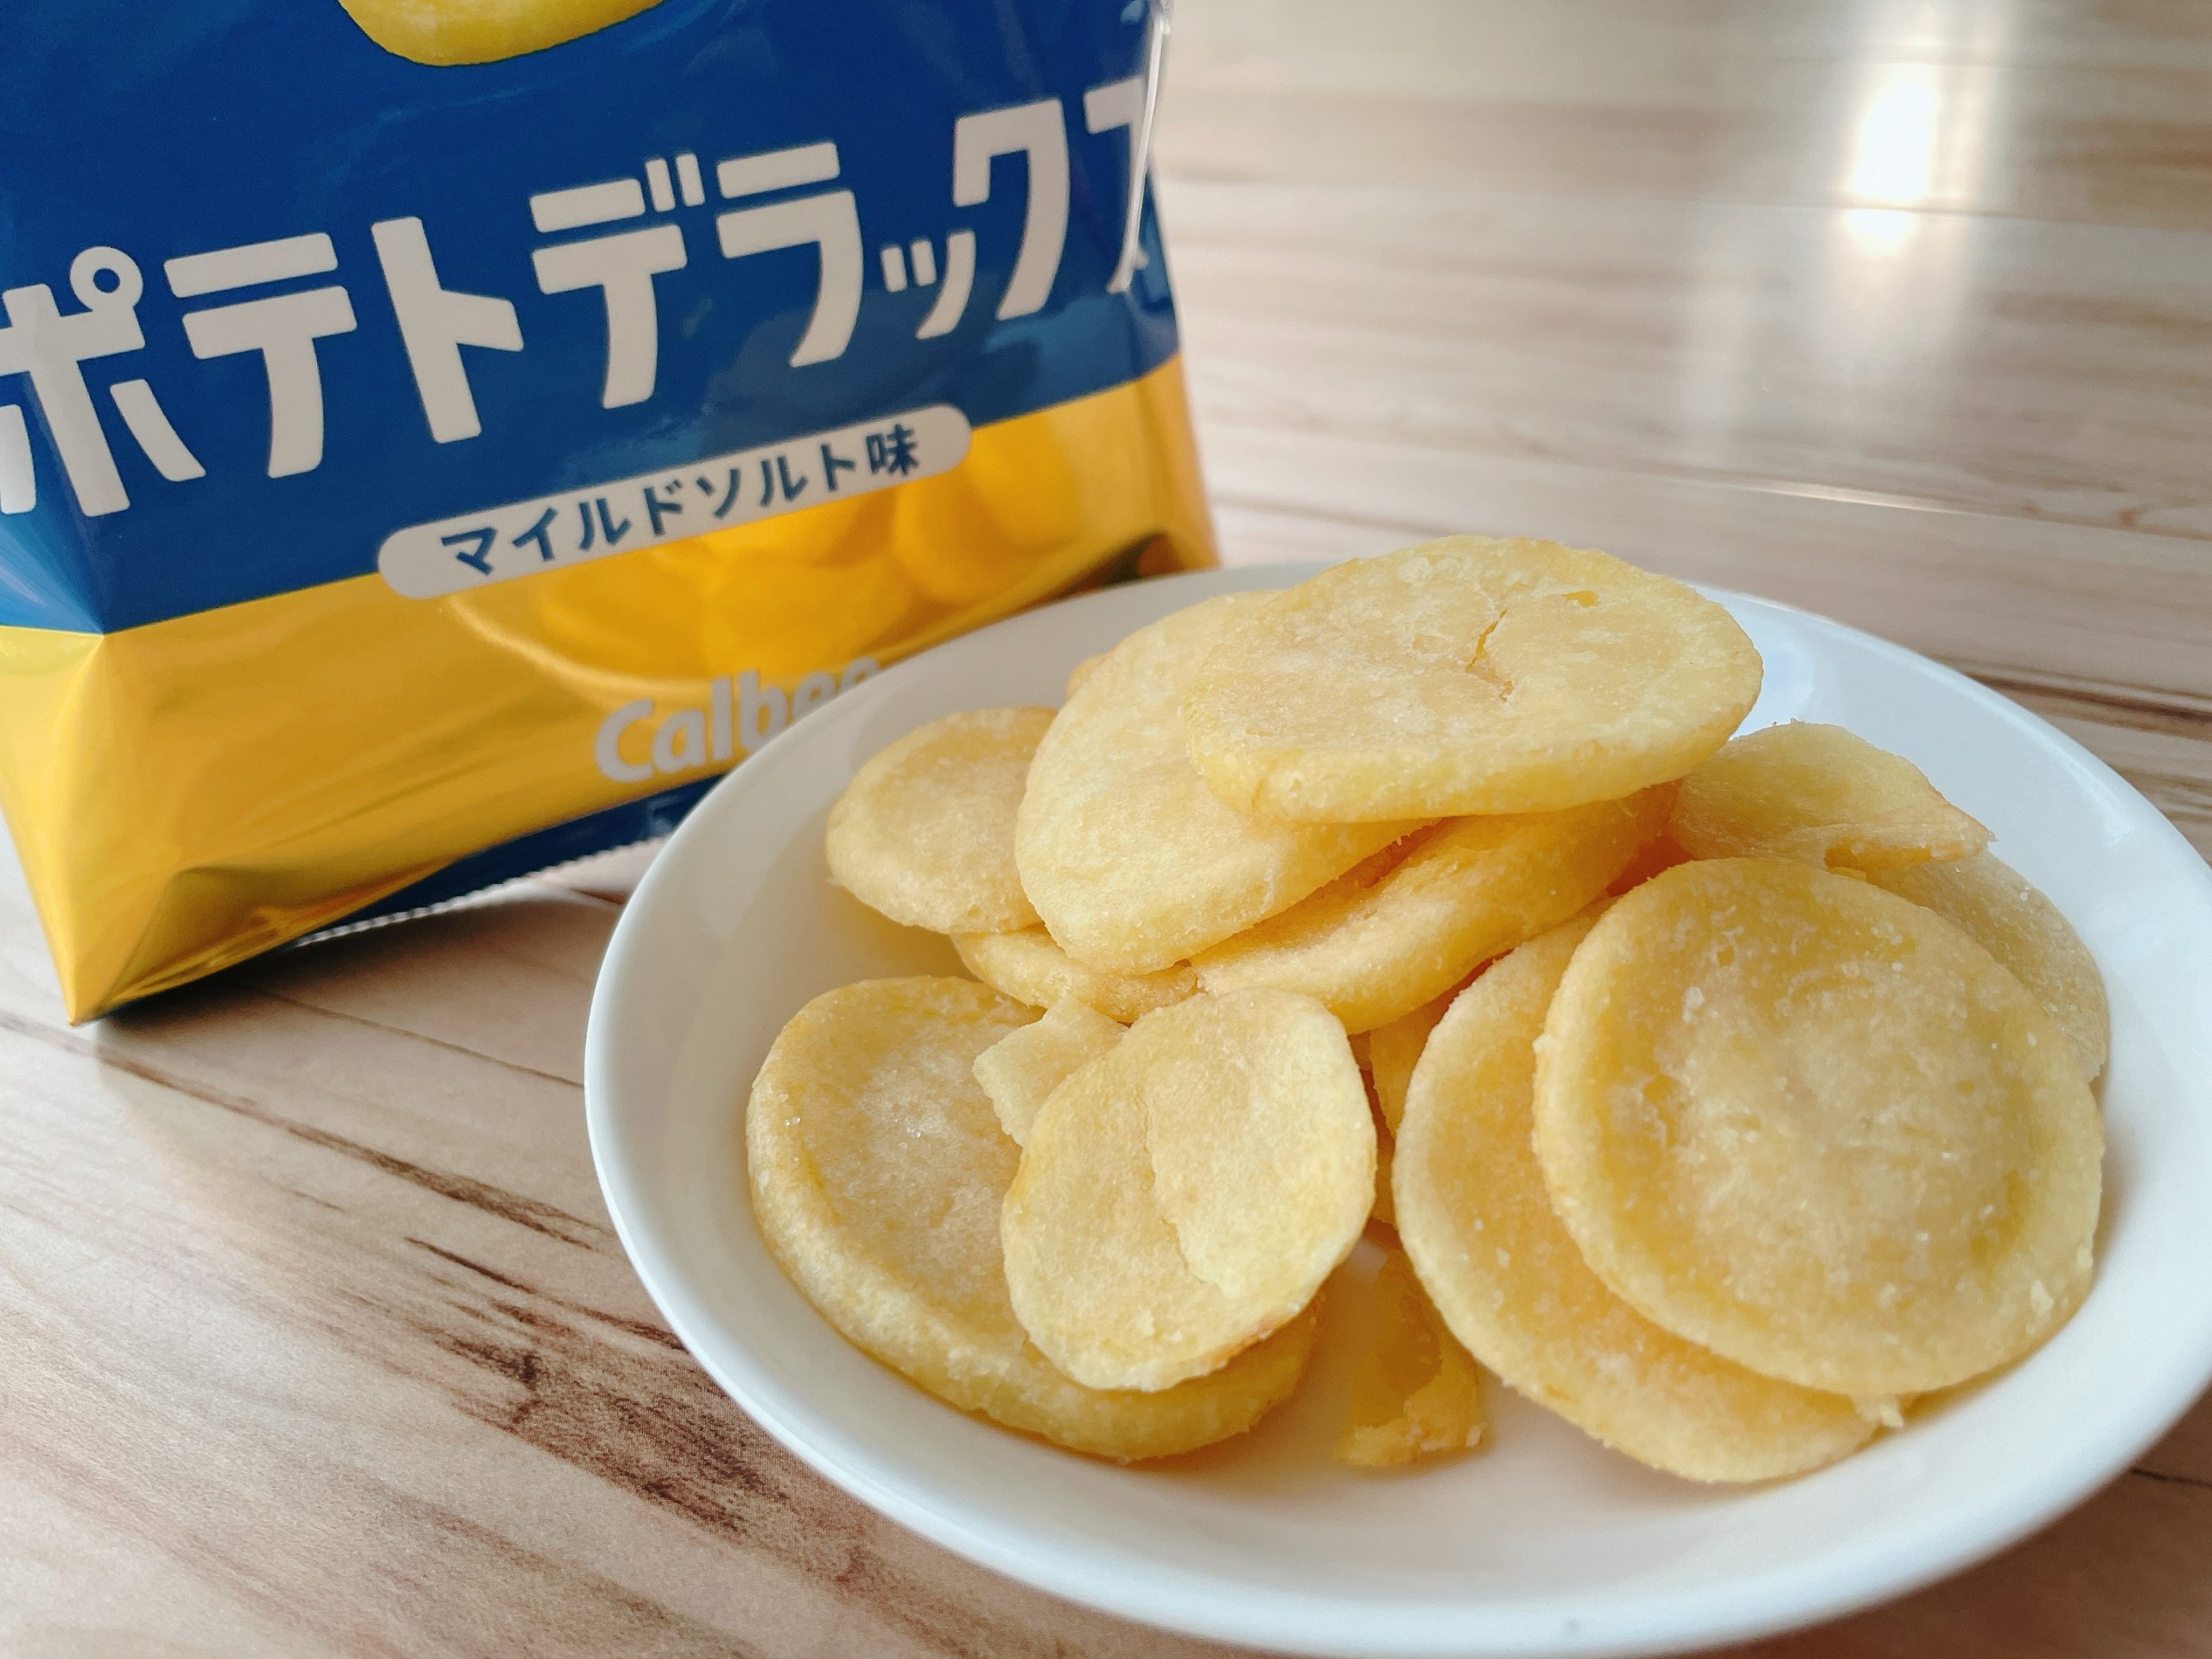 ポテトデラックスのマイルドソルト味は、ポテトと塩の相性がいい